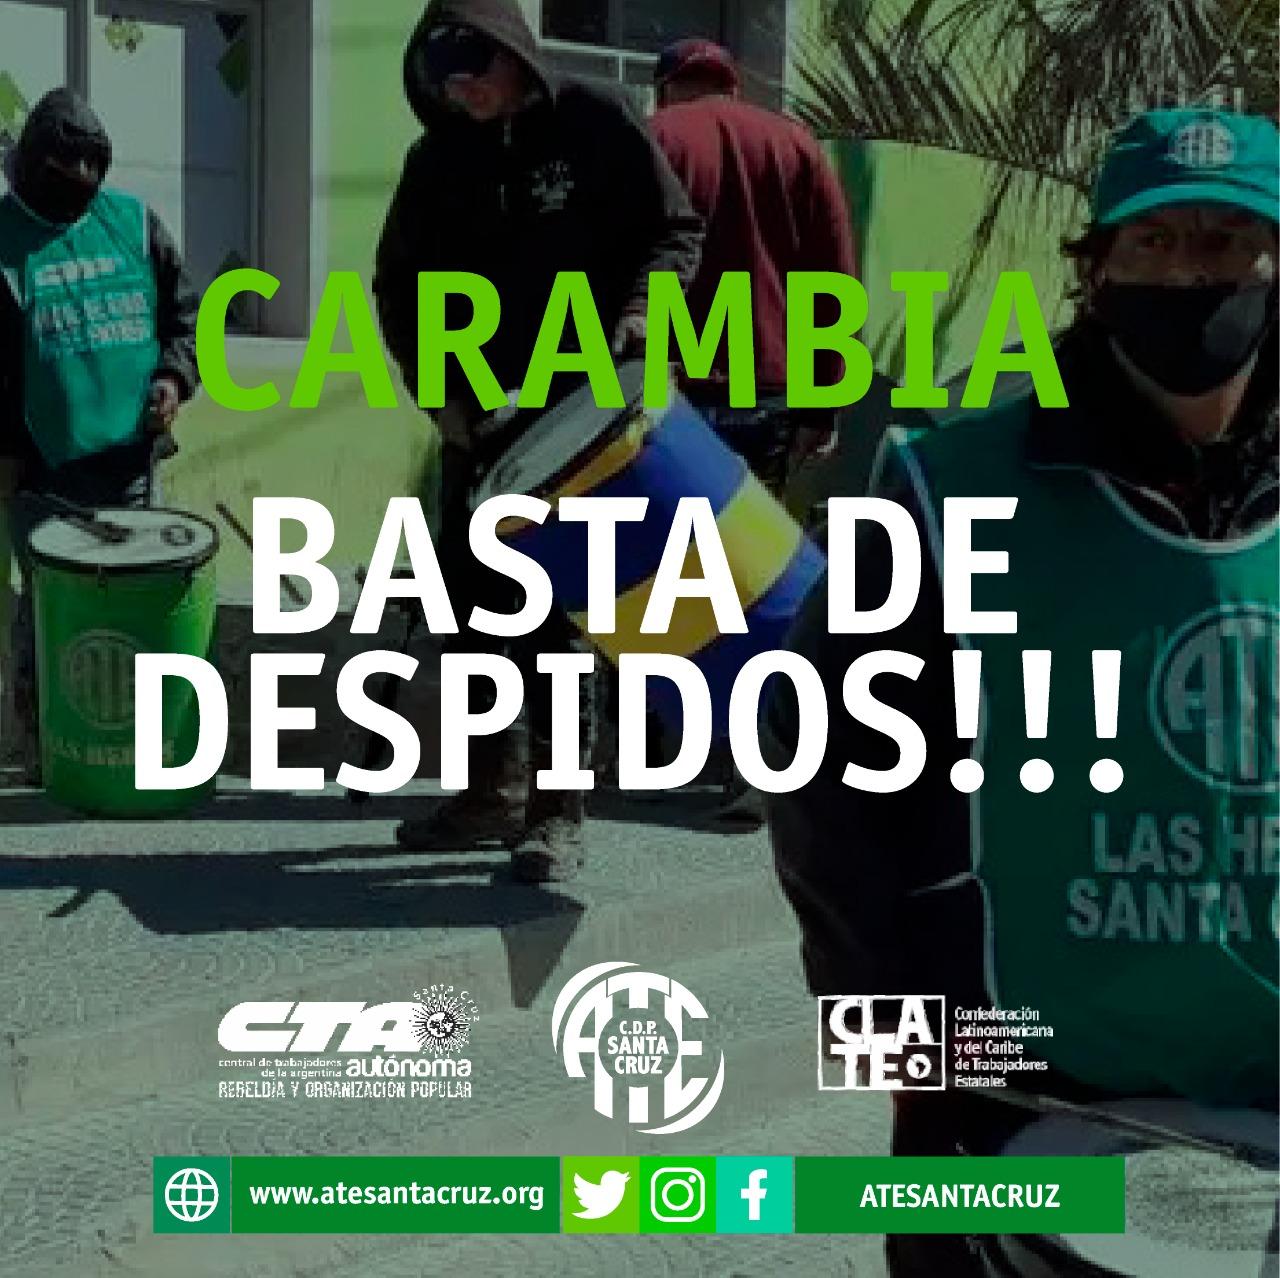 Las Heras: El Macrismo residual de Carambia sigue persiguiendo y despidiendo familias enteras